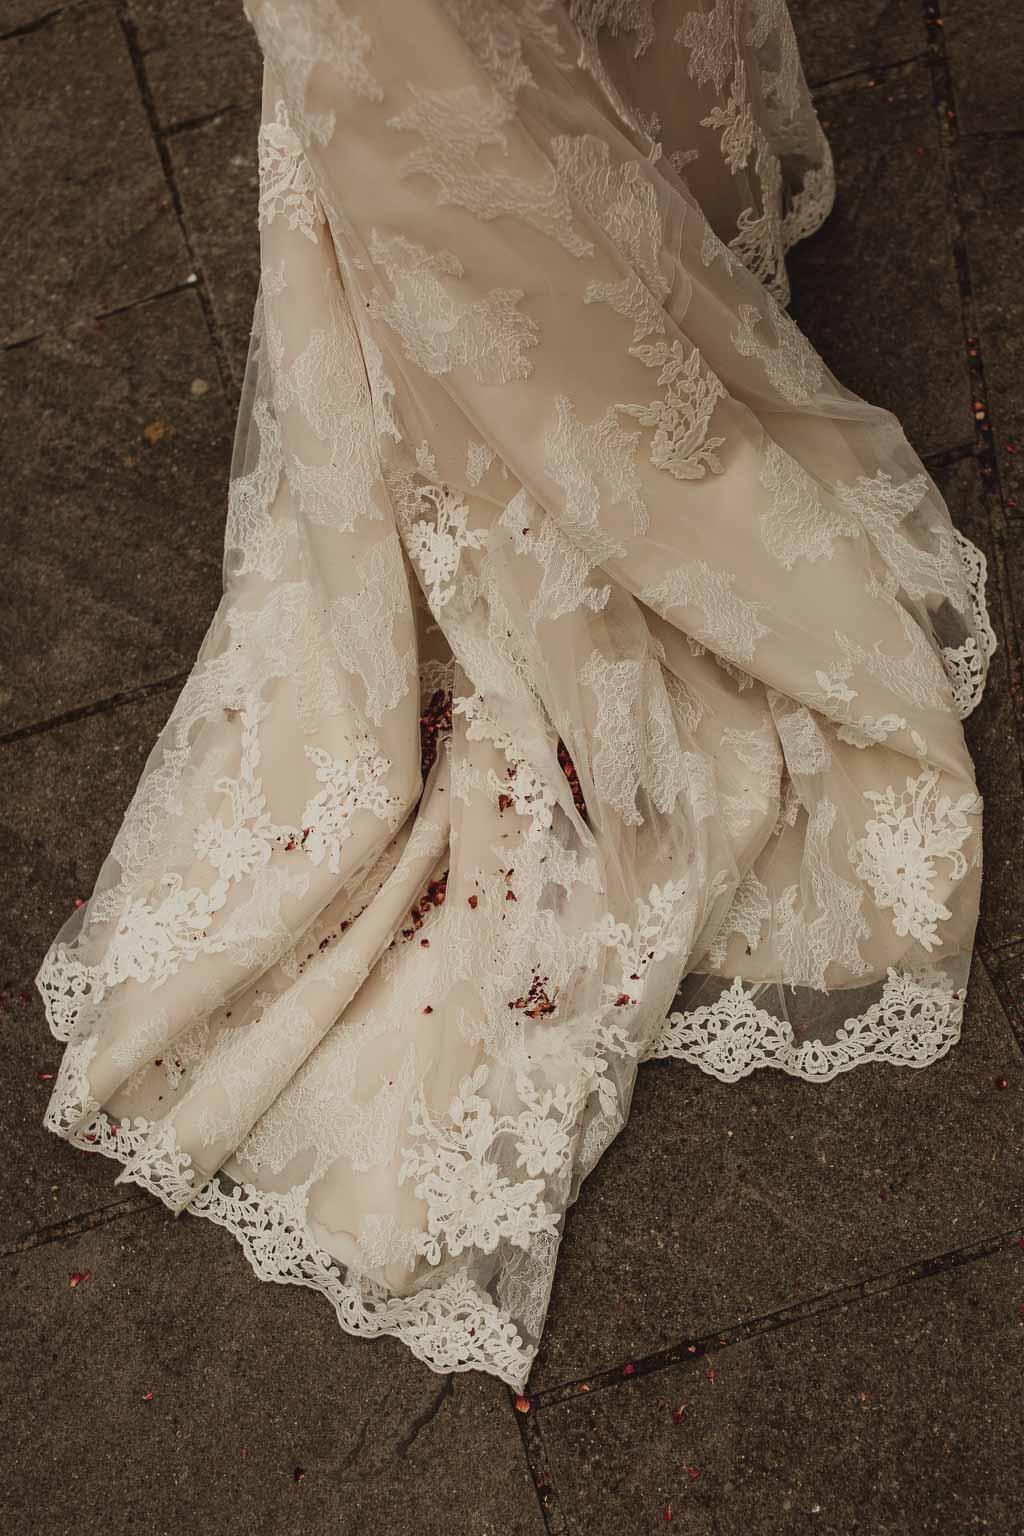 shabby chic wedding ideas-24.jpg